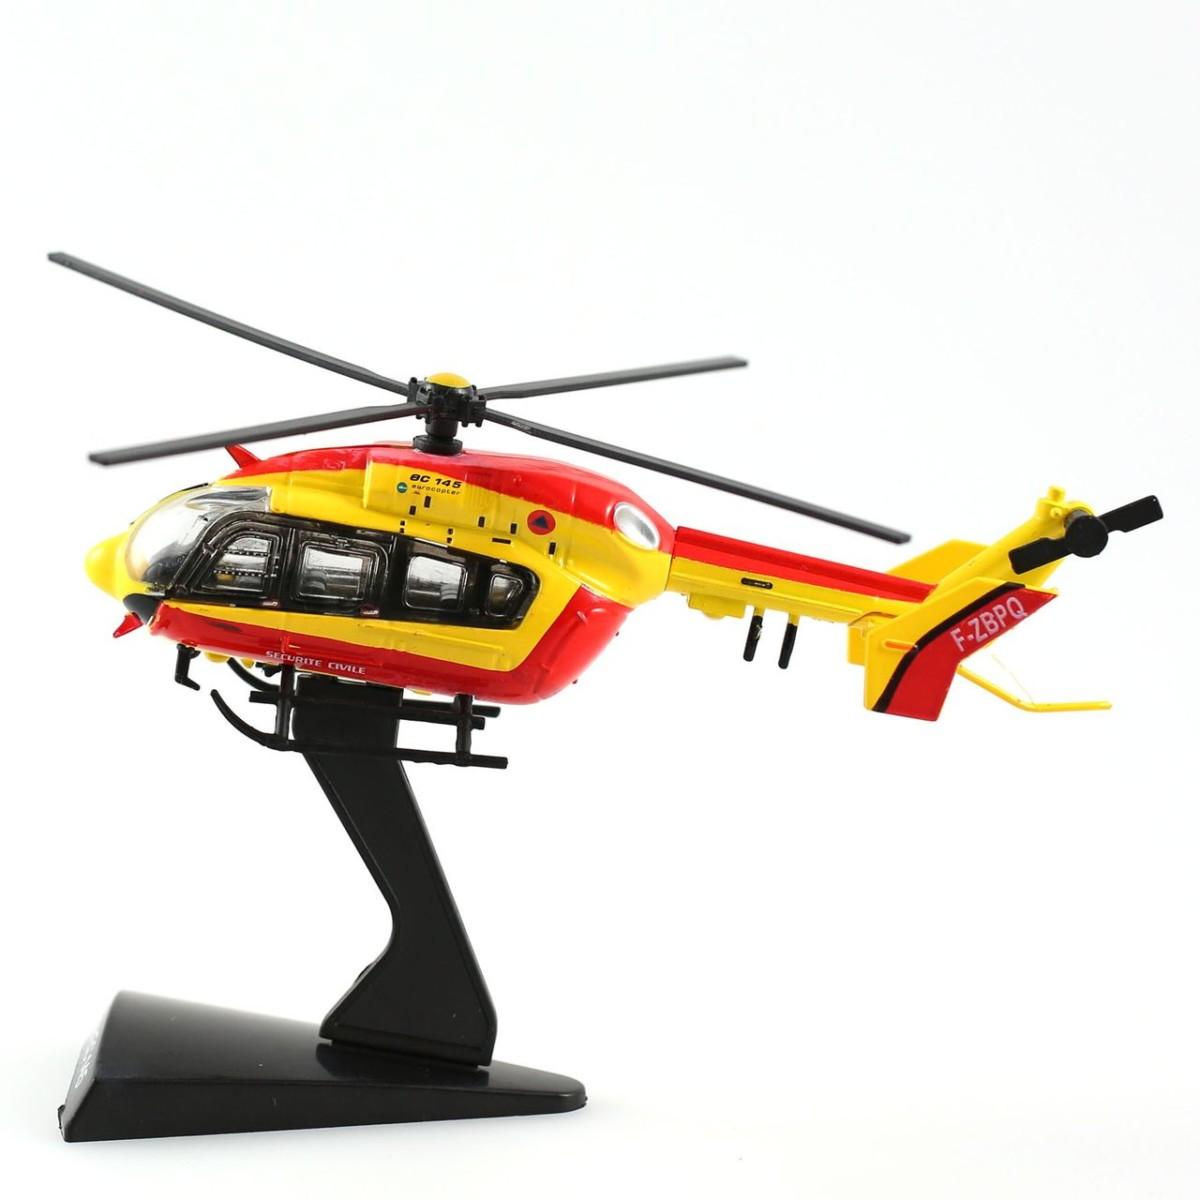 Camions de pompiers du monde : Miniature Pompier ec145 1/90